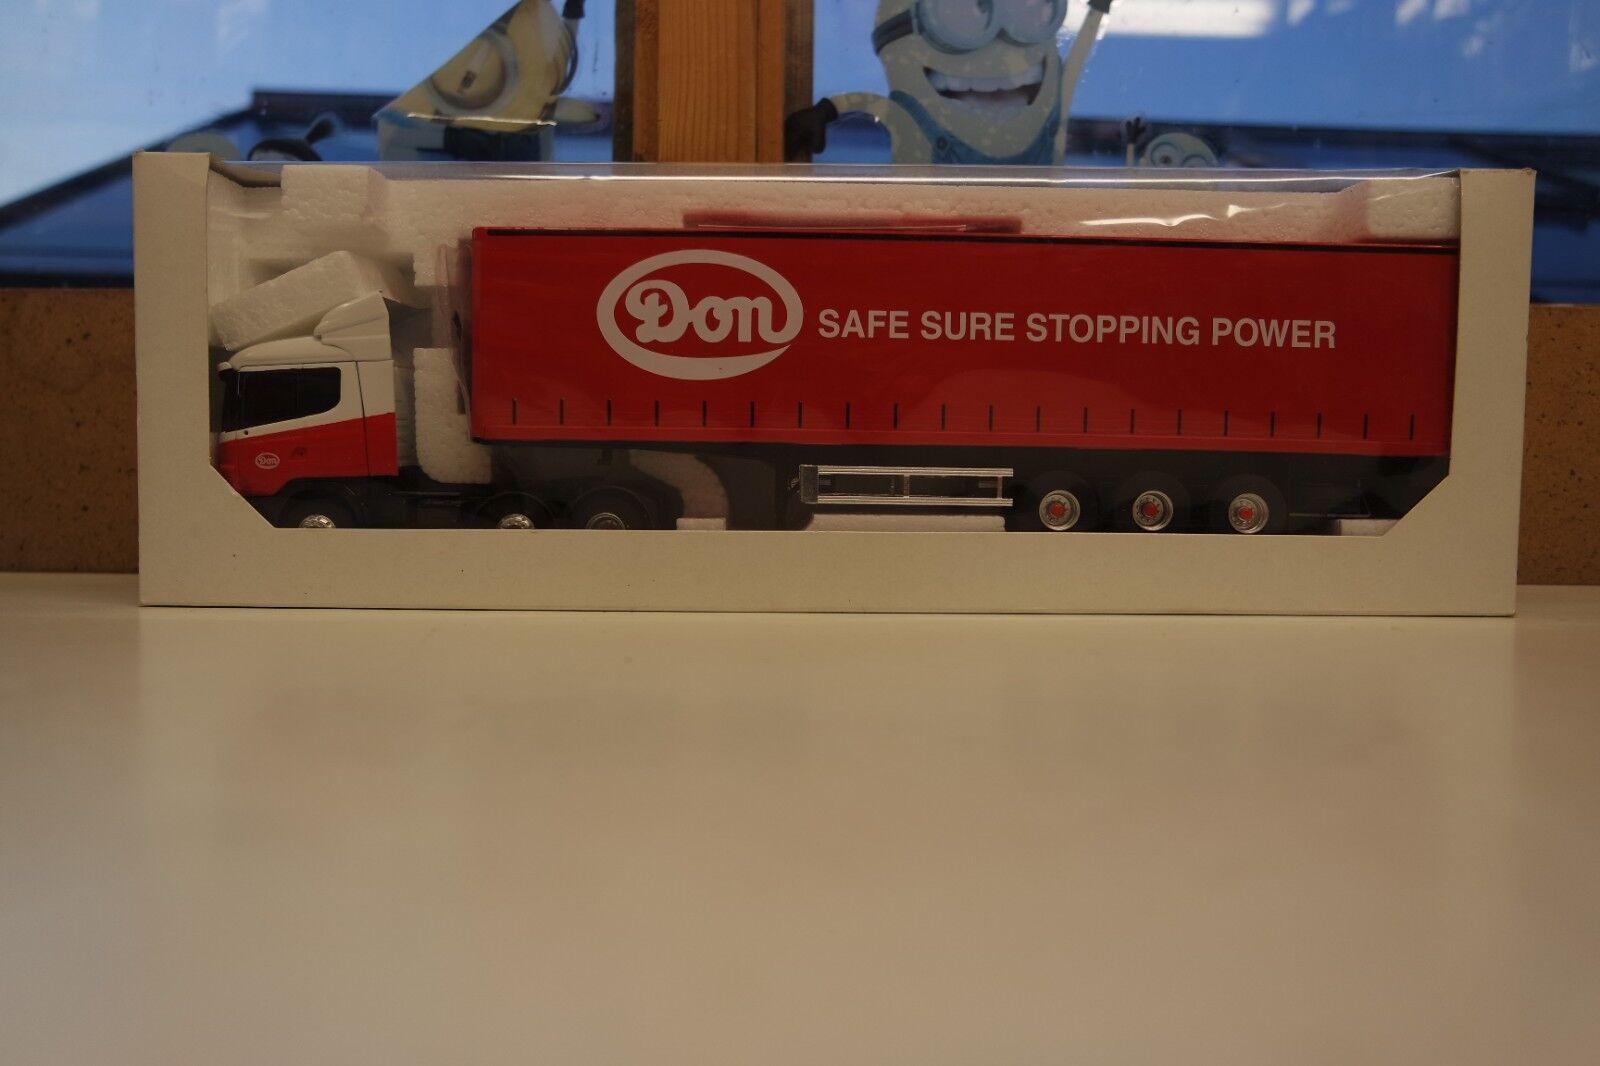 muchas sorpresas Scania Serie 4 4 4 Semi transporte no seguro y seguro de potencia de frenado ELIGOR 1 43 111815  compras en linea